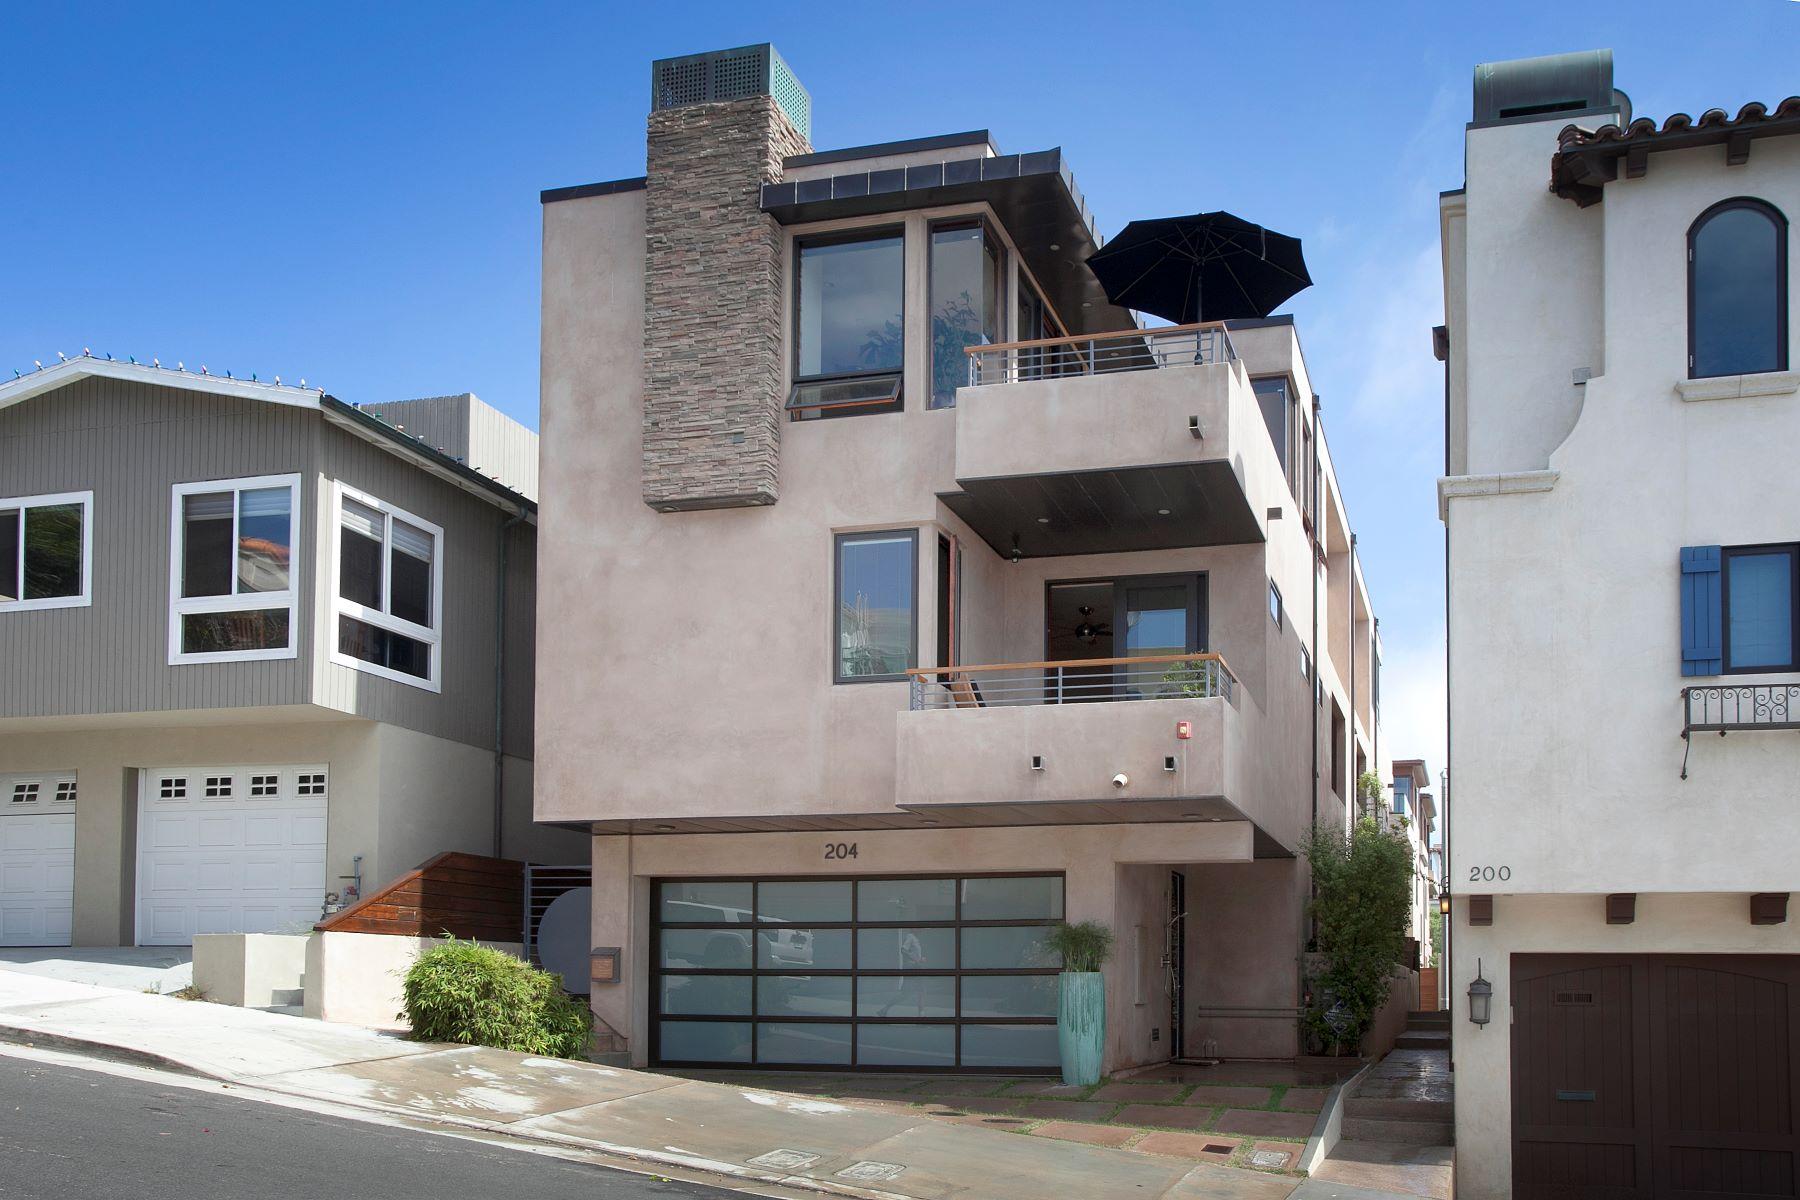 联栋屋 为 销售 在 204 21st St, Manhattan Beach 90266 204 21st Street 曼哈顿海滩, 加利福尼亚州, 90266 美国